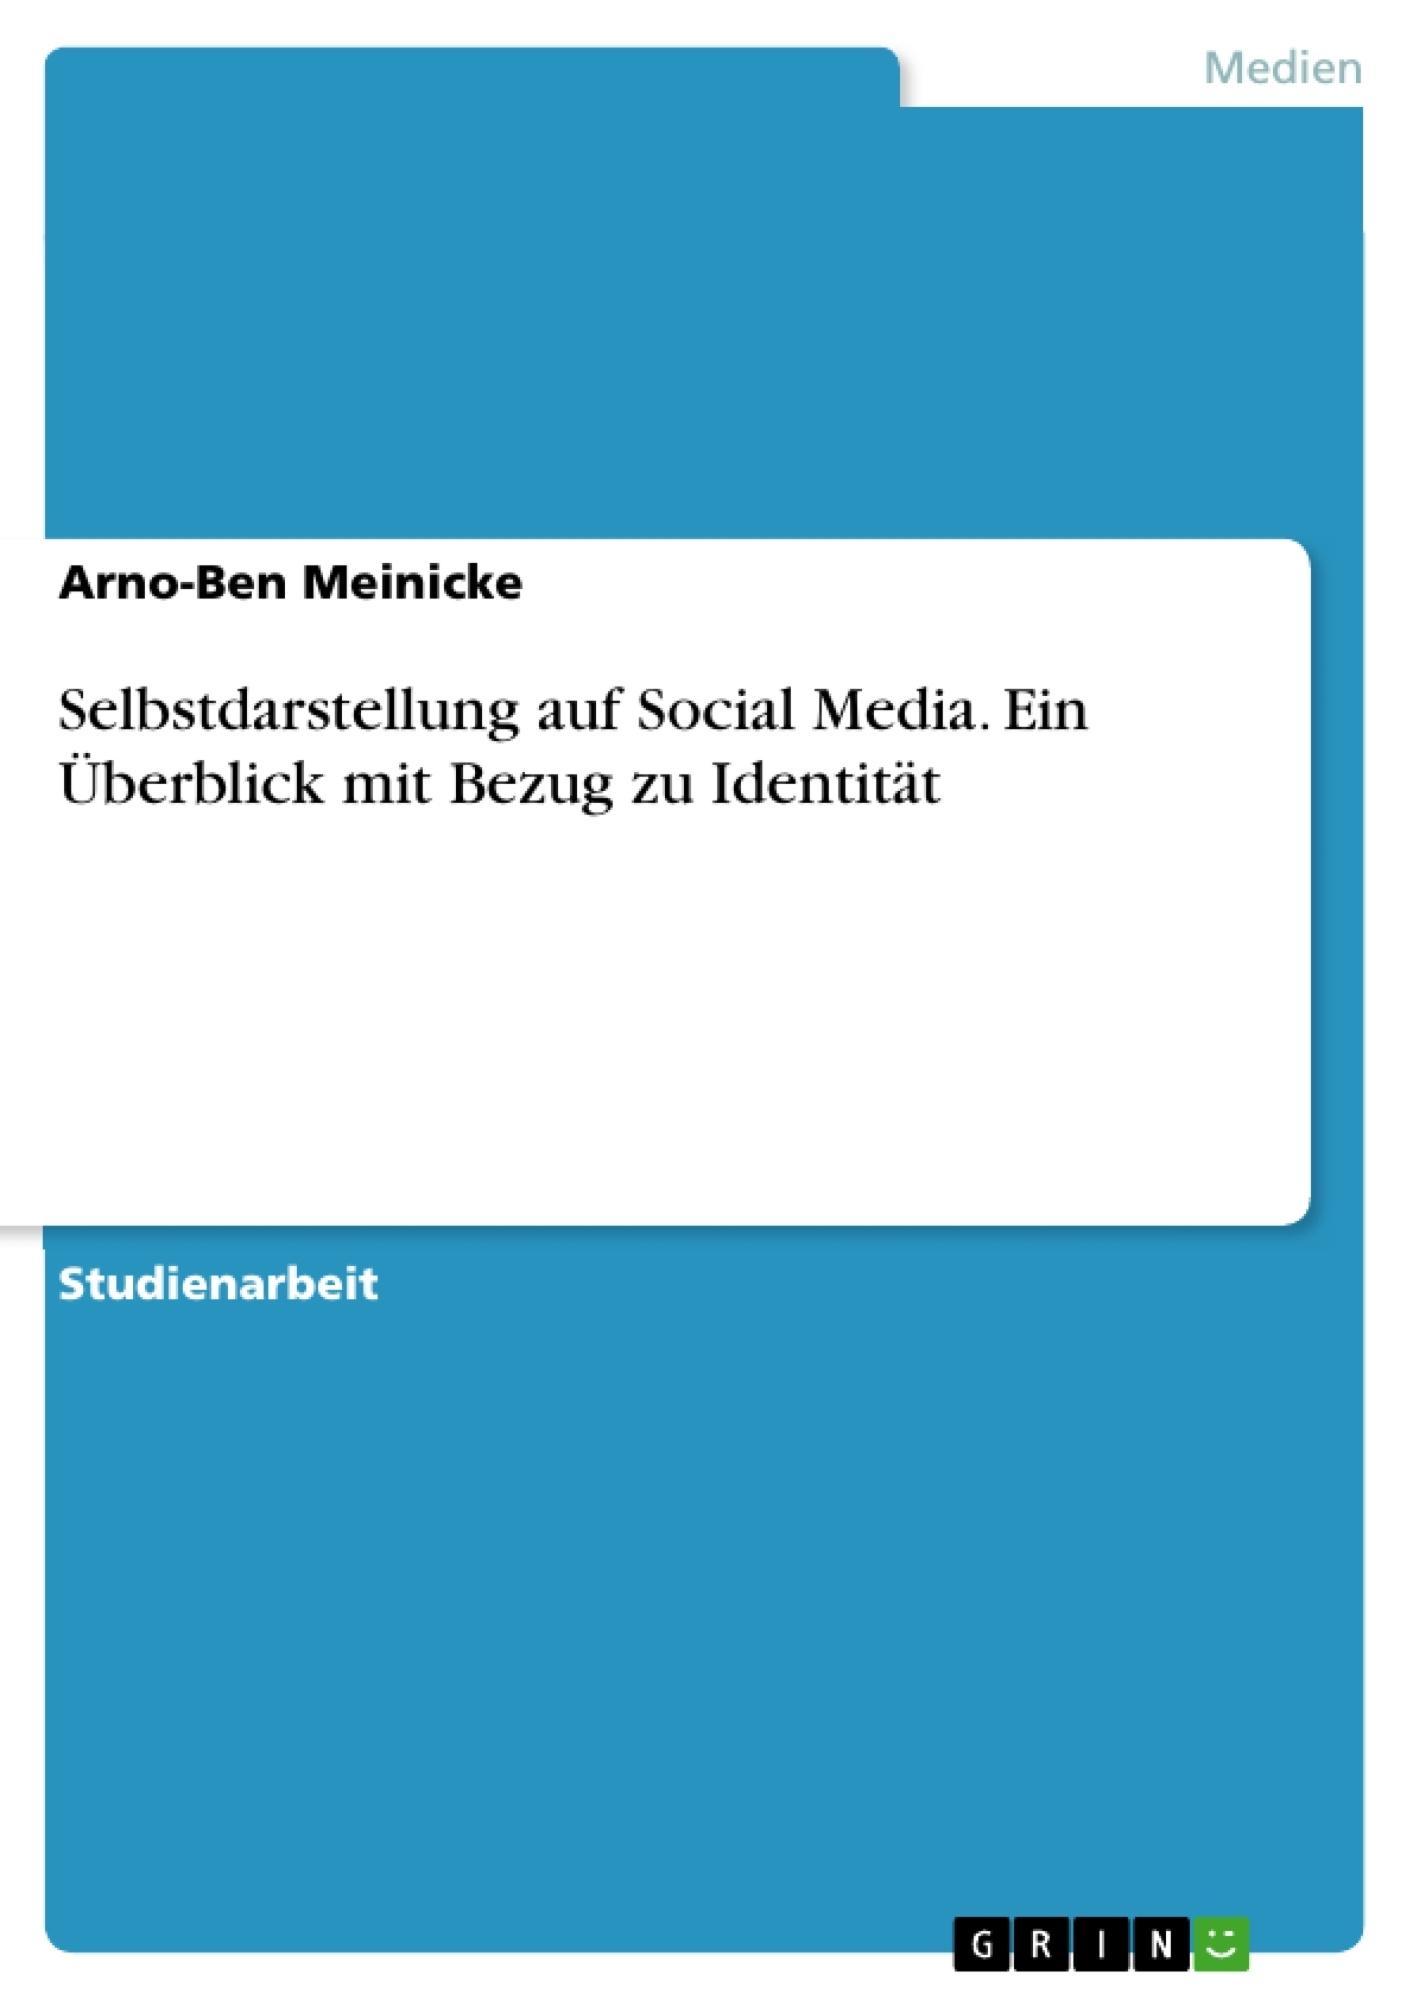 Titel: Selbstdarstellung auf Social Media. Ein Überblick mit Bezug zu Identität